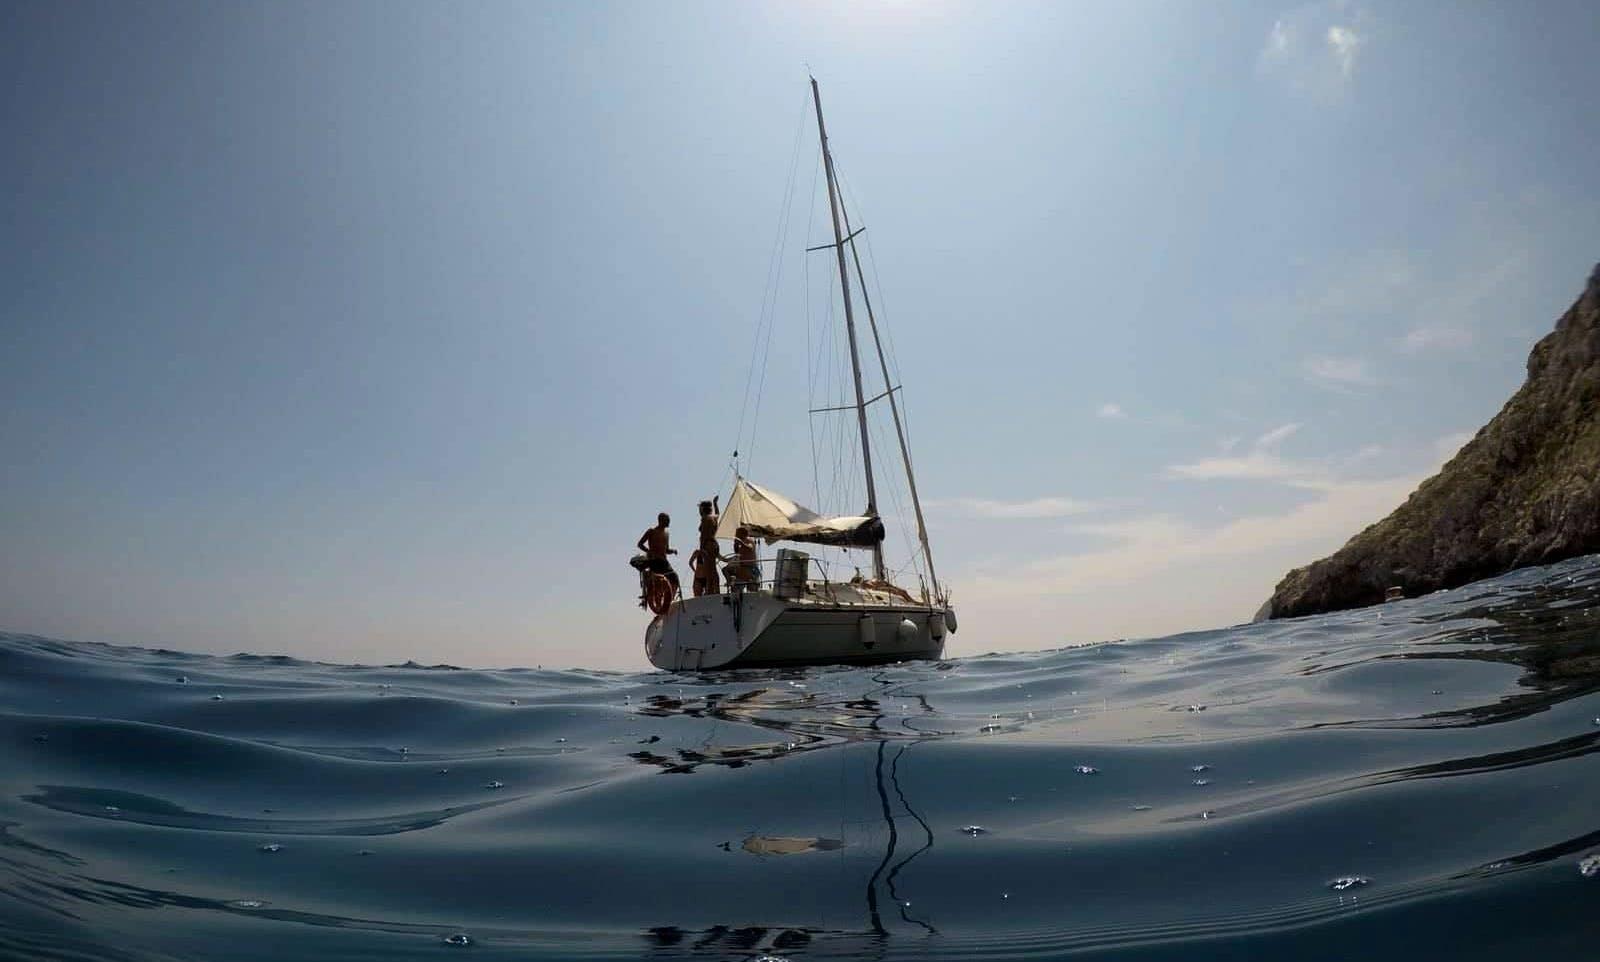 Sail boat crewed rental in Leuca